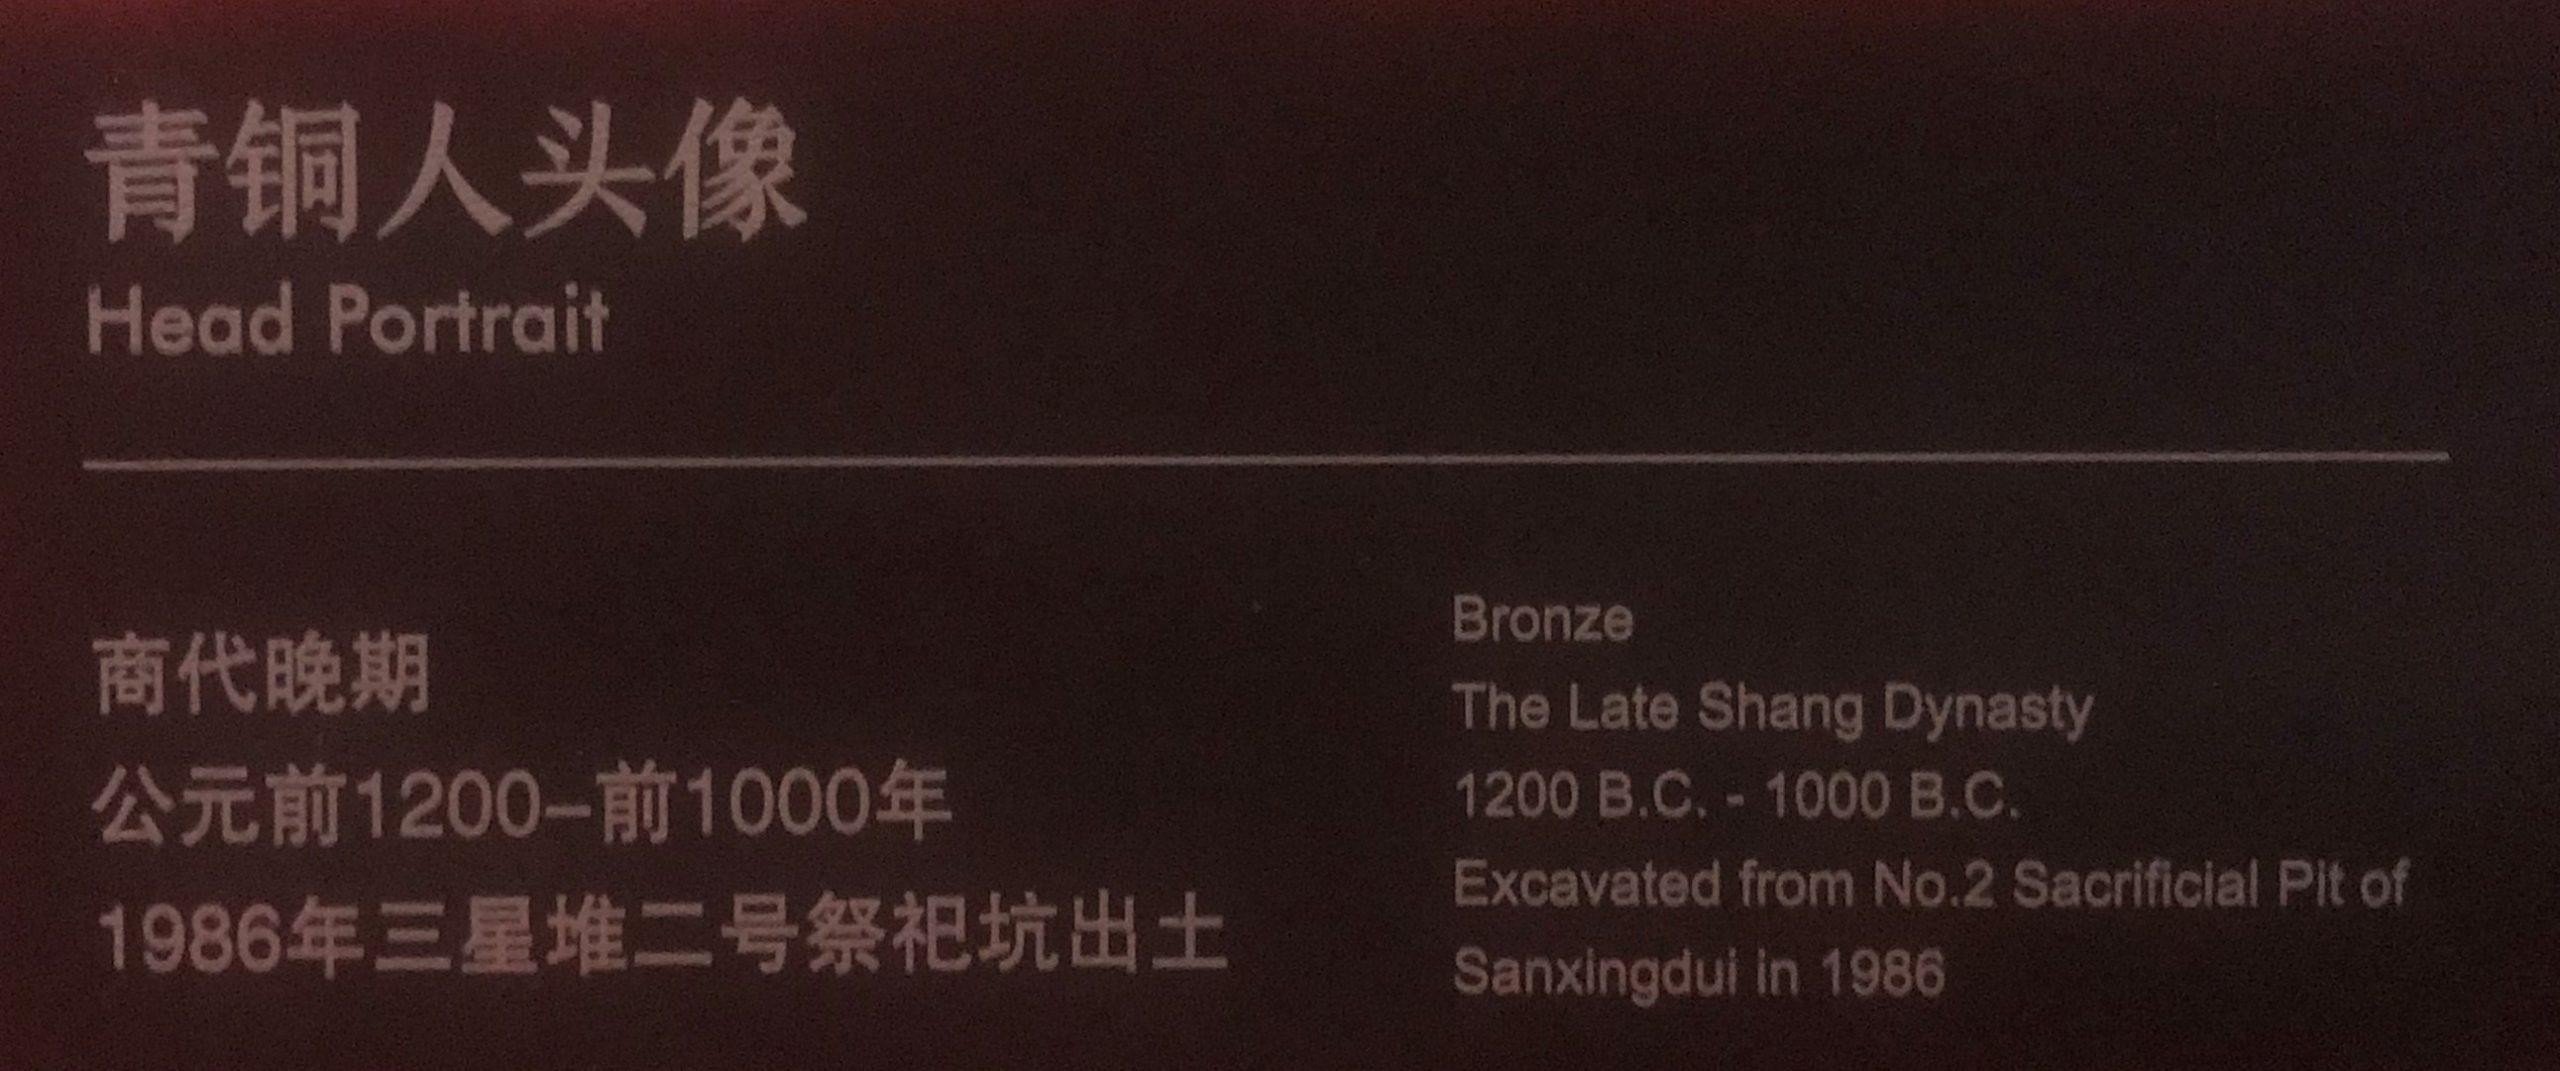 青銅人頭像5-青銅器館-三星堆博物館-広漢市-徳陽市-四川省